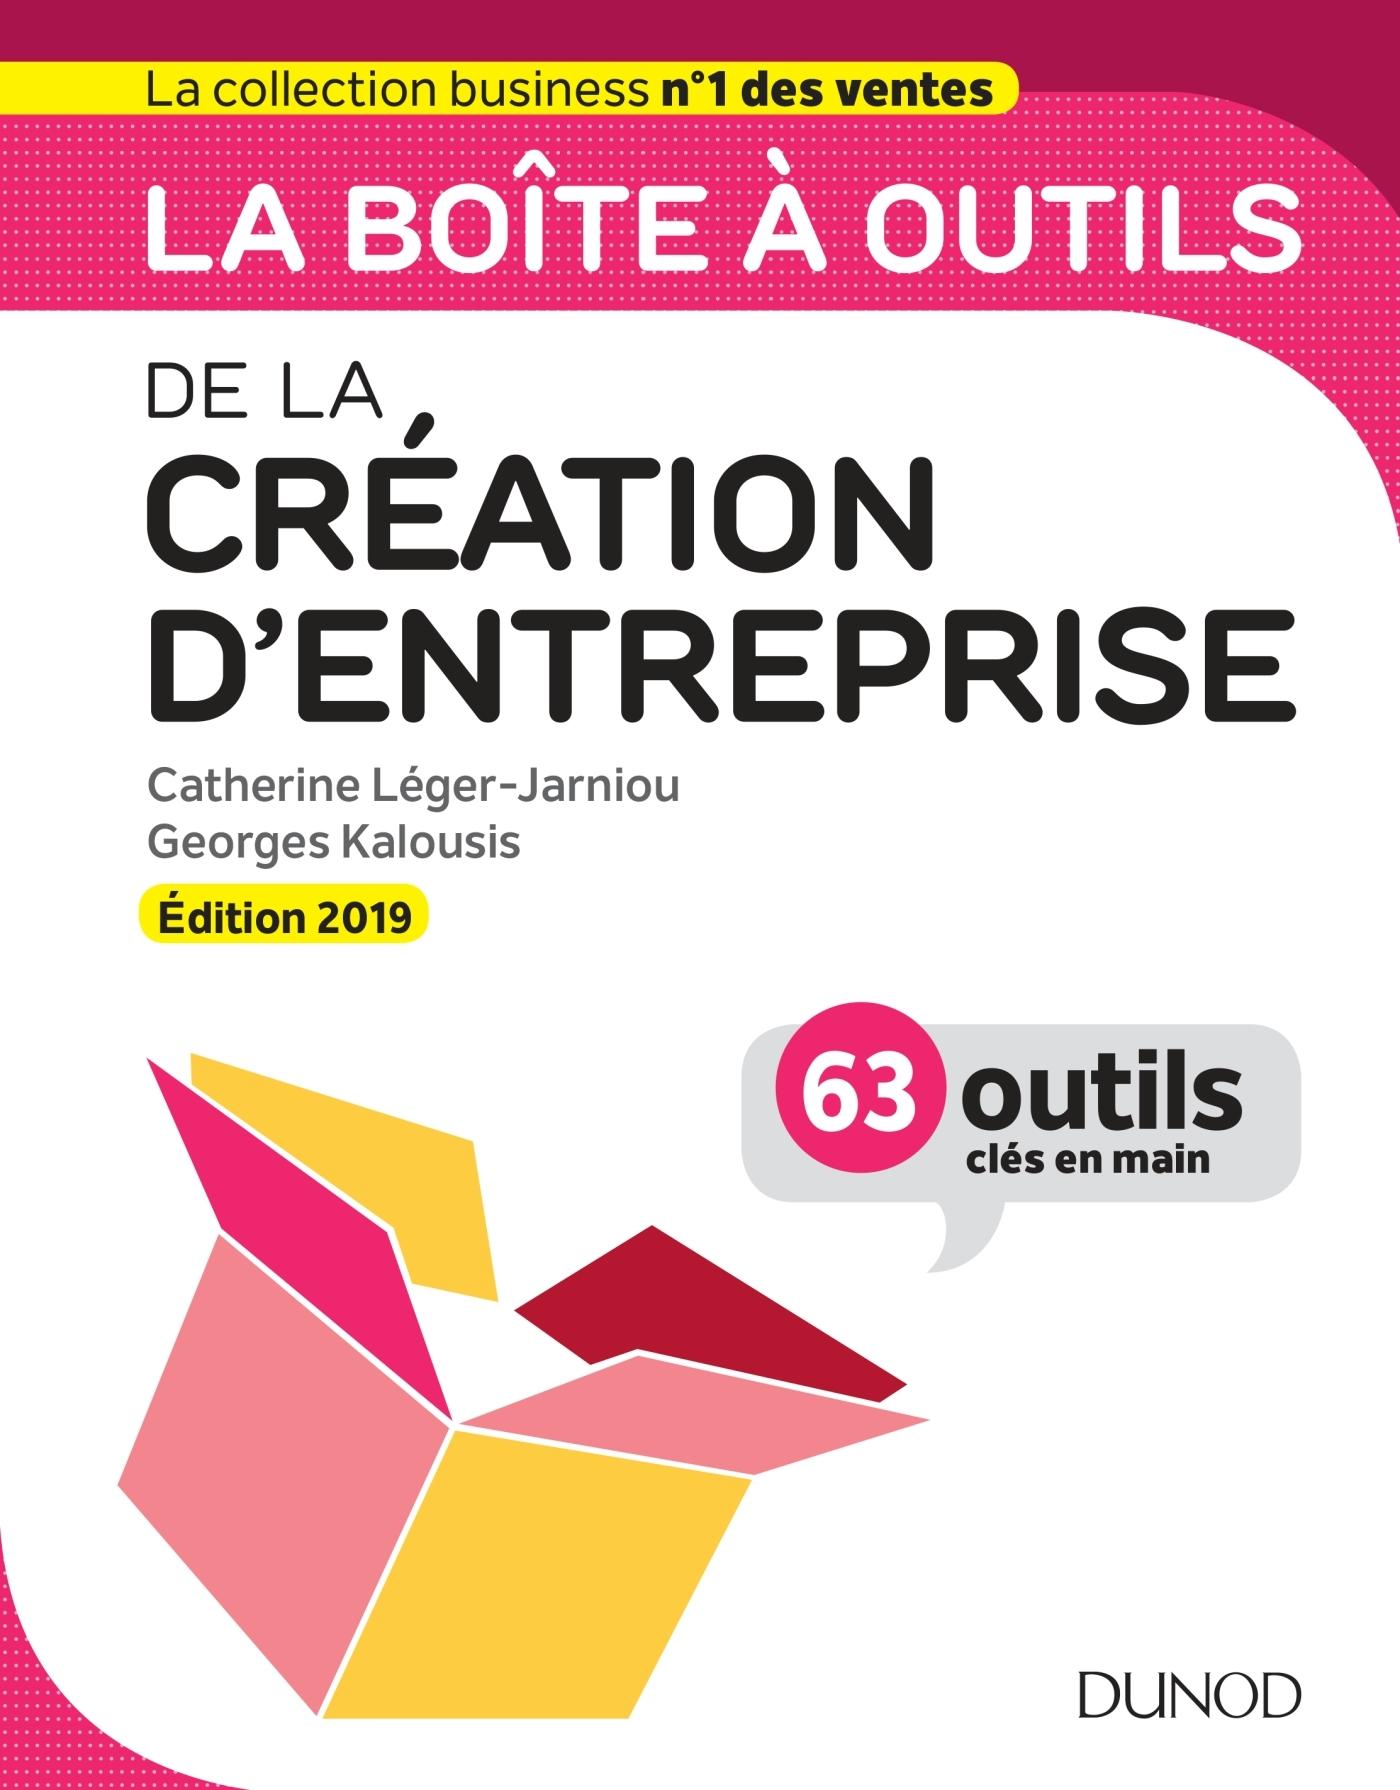 LA BOITE A OUTILS DE LA CREATION D'ENTREPRISE - EDITION 2019 - 63 OUTILS CLES EN MAIN